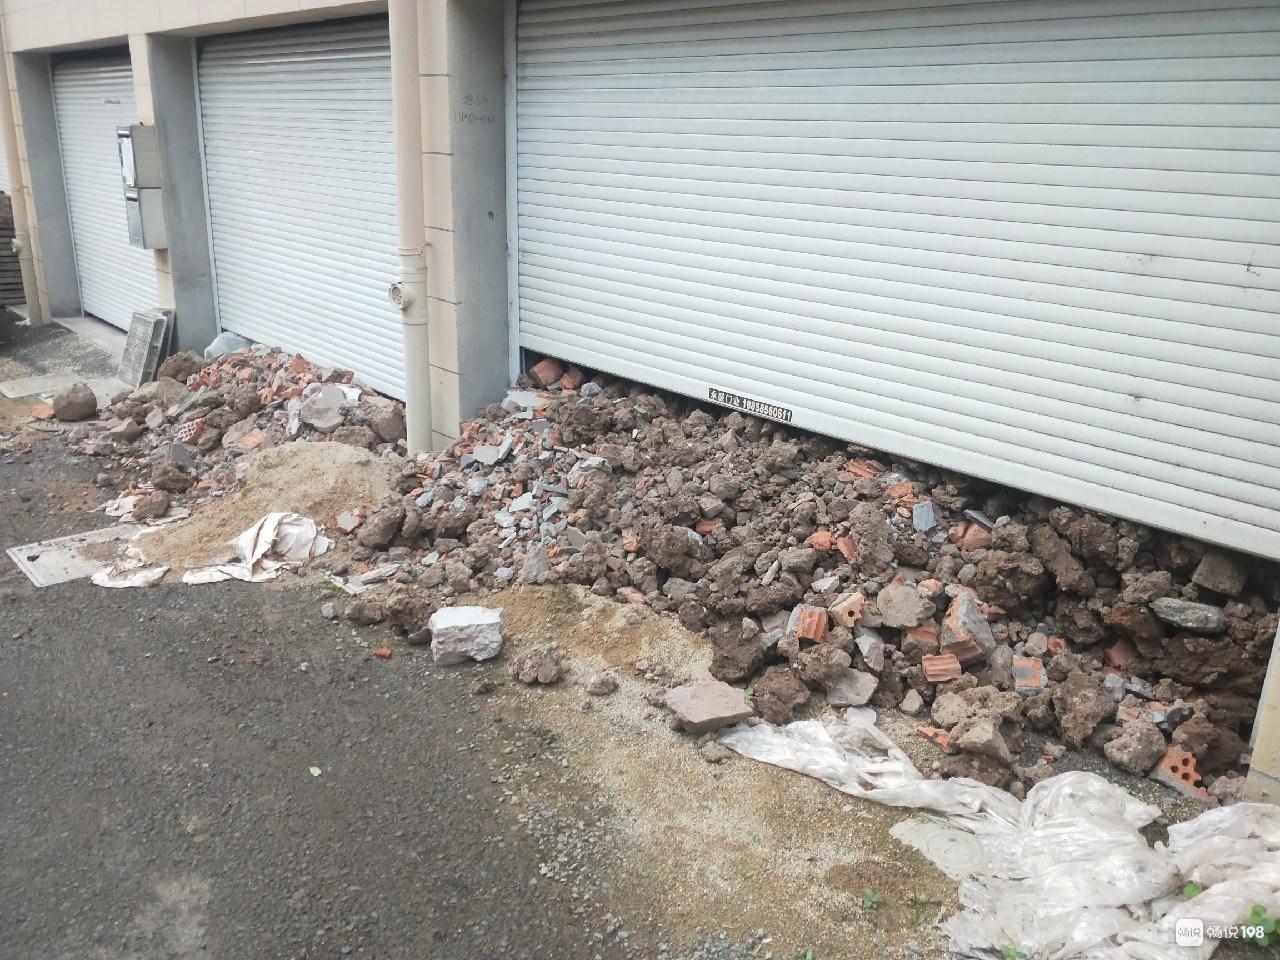 新昌某小区业主私挖地下室,不听劝,今天还继续!